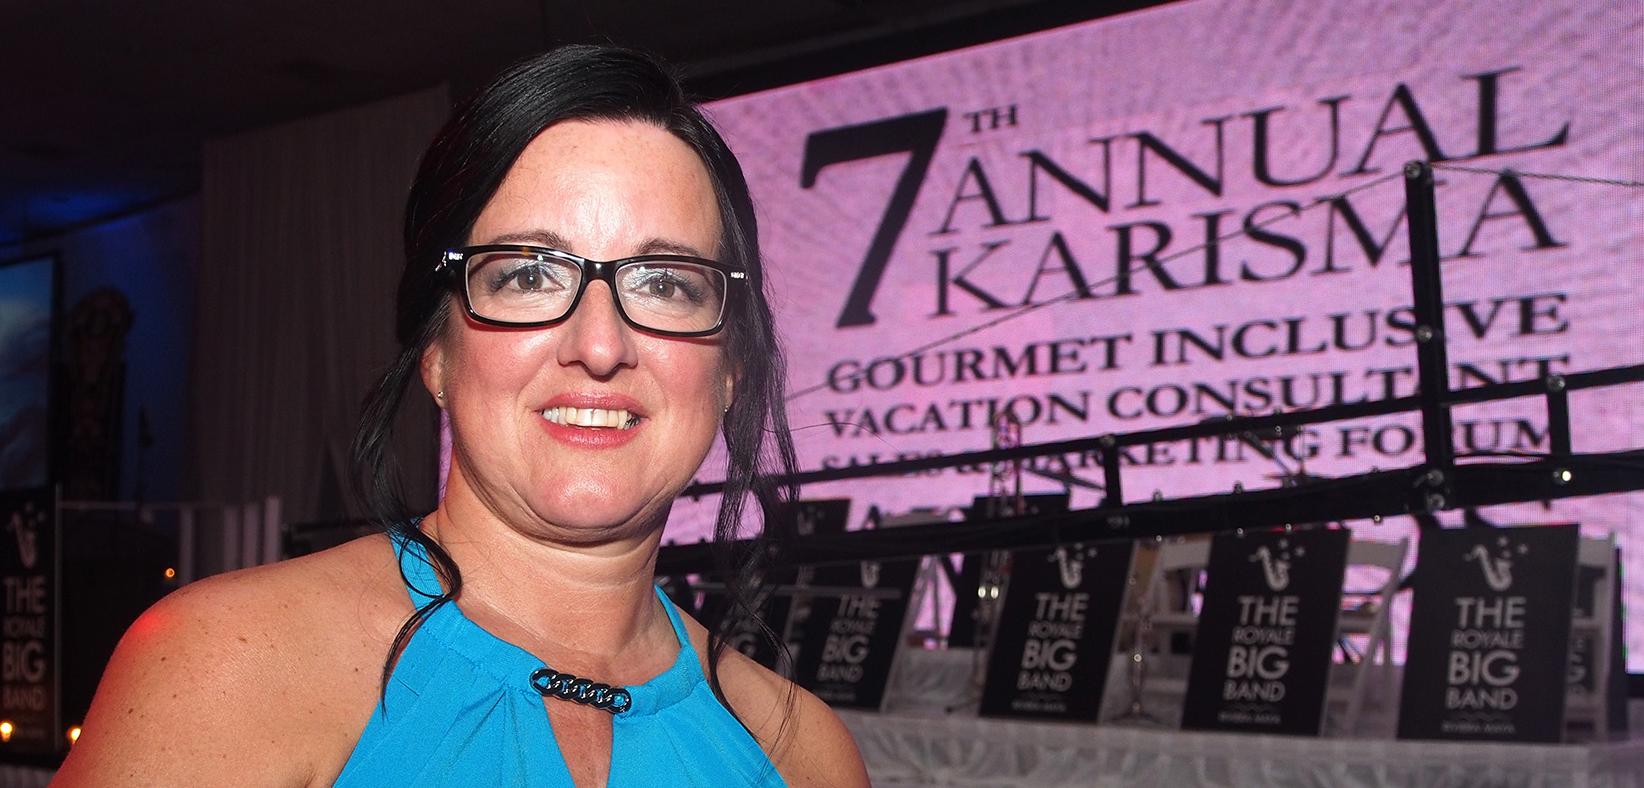 Une seule agente québécoise parmi les lauréates des 7th Annual Karisma Awards